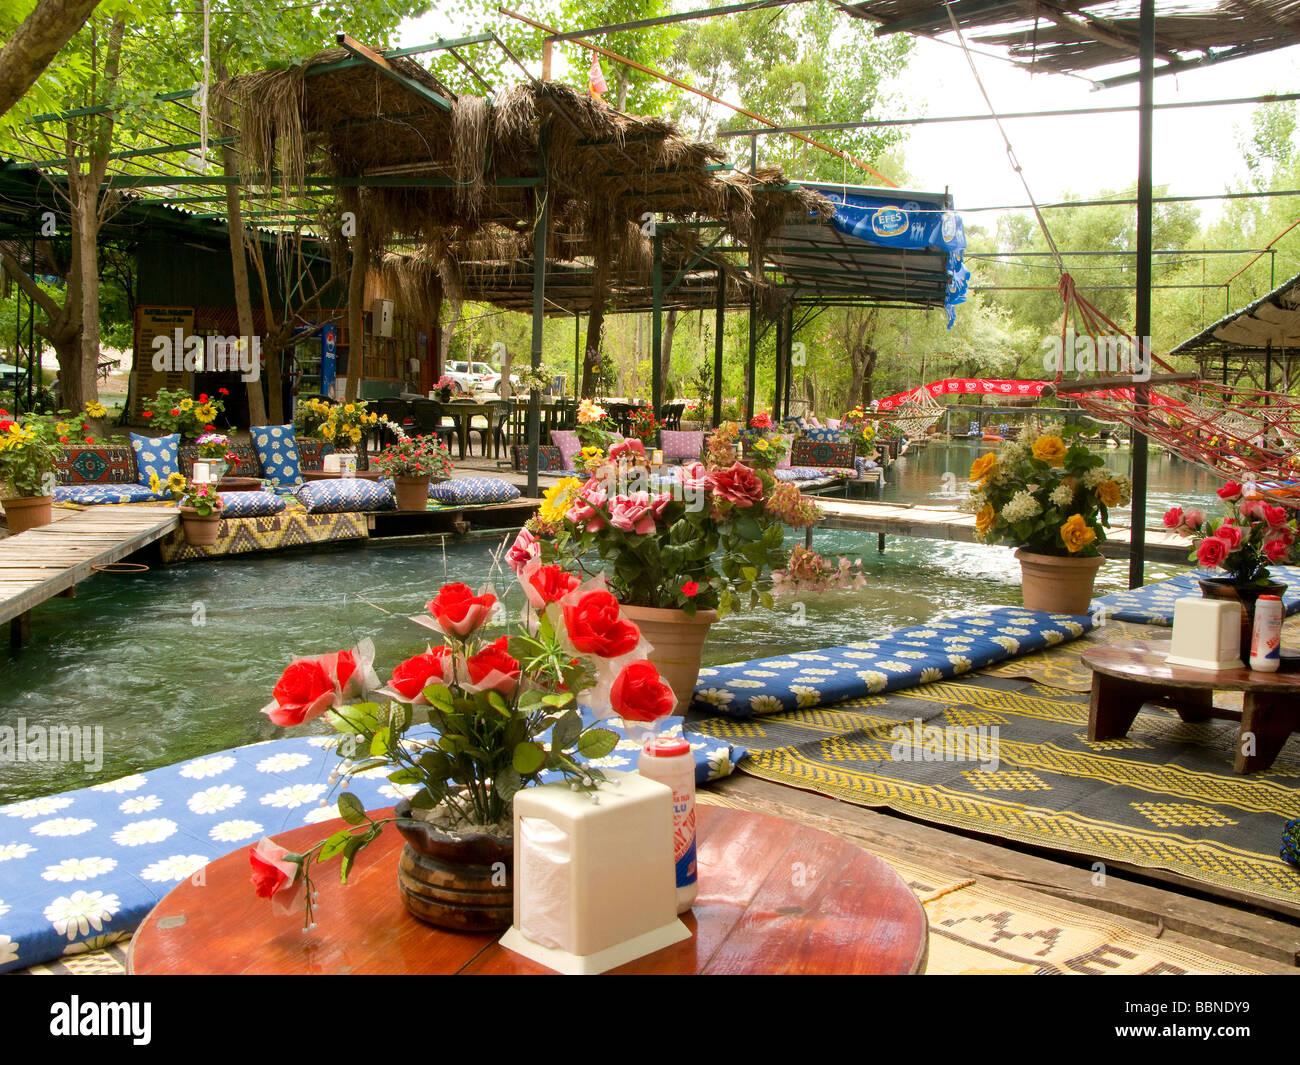 restaurants near botanical gardens - talentneeds -